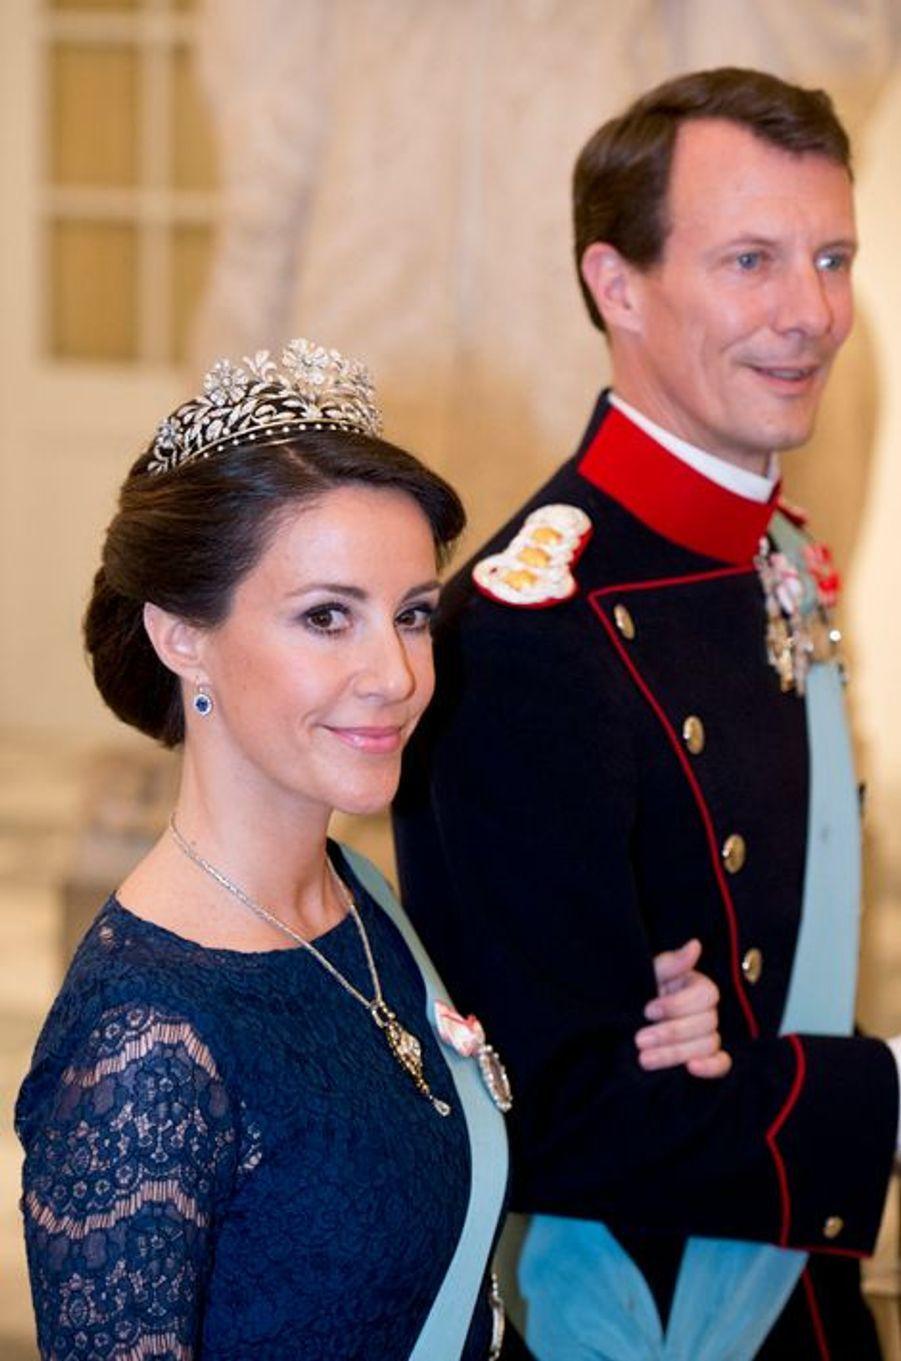 Le prince Joachim et la princesse Marie de Danemark à Copenhague, le 15 avril 2015